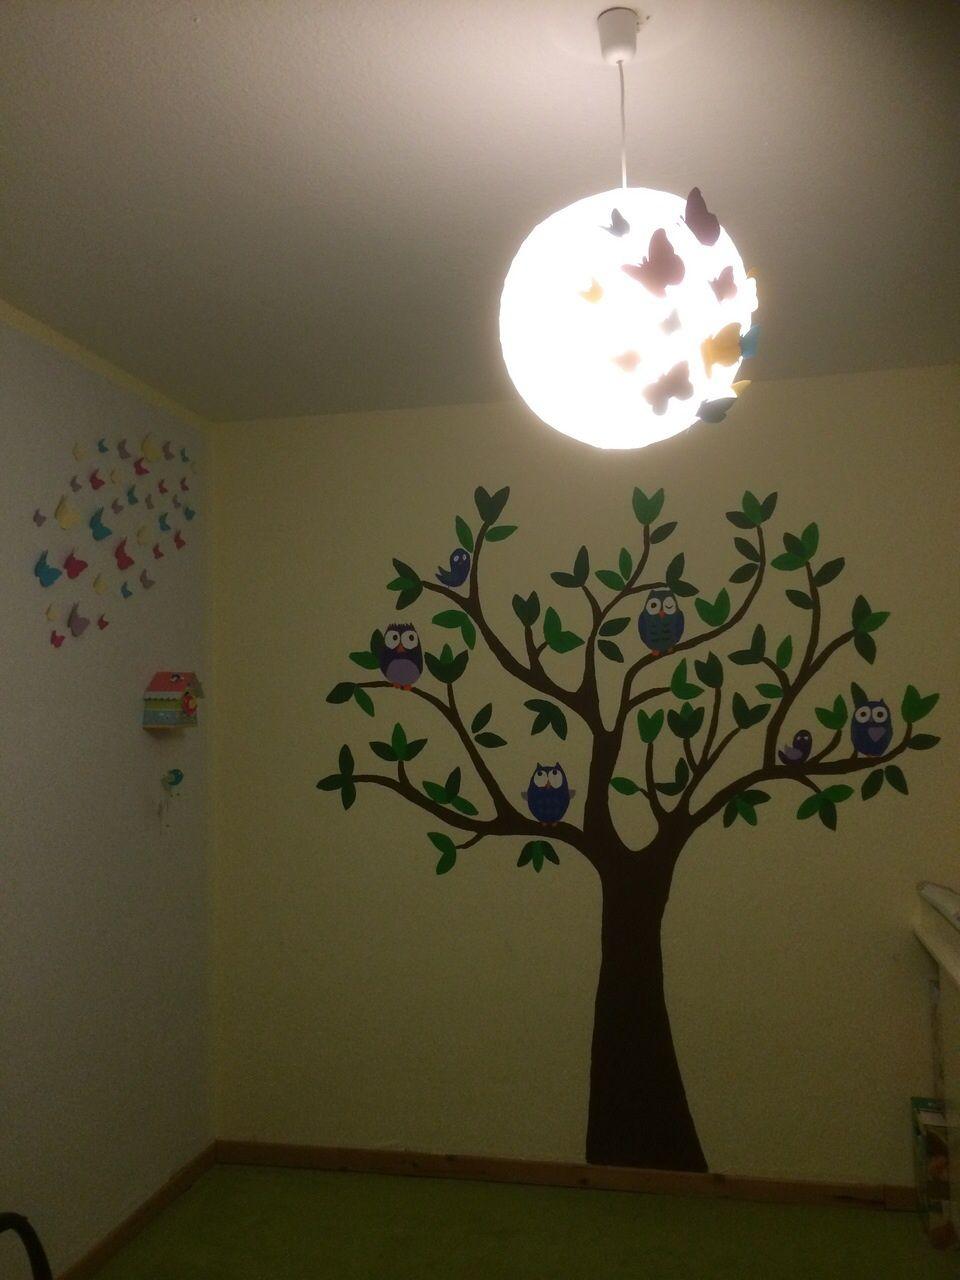 Bezaubernd Bilder Baum Malen Kinderzimmer Ideen Wohndesign. Baum An Wand  Malen Vorlagen